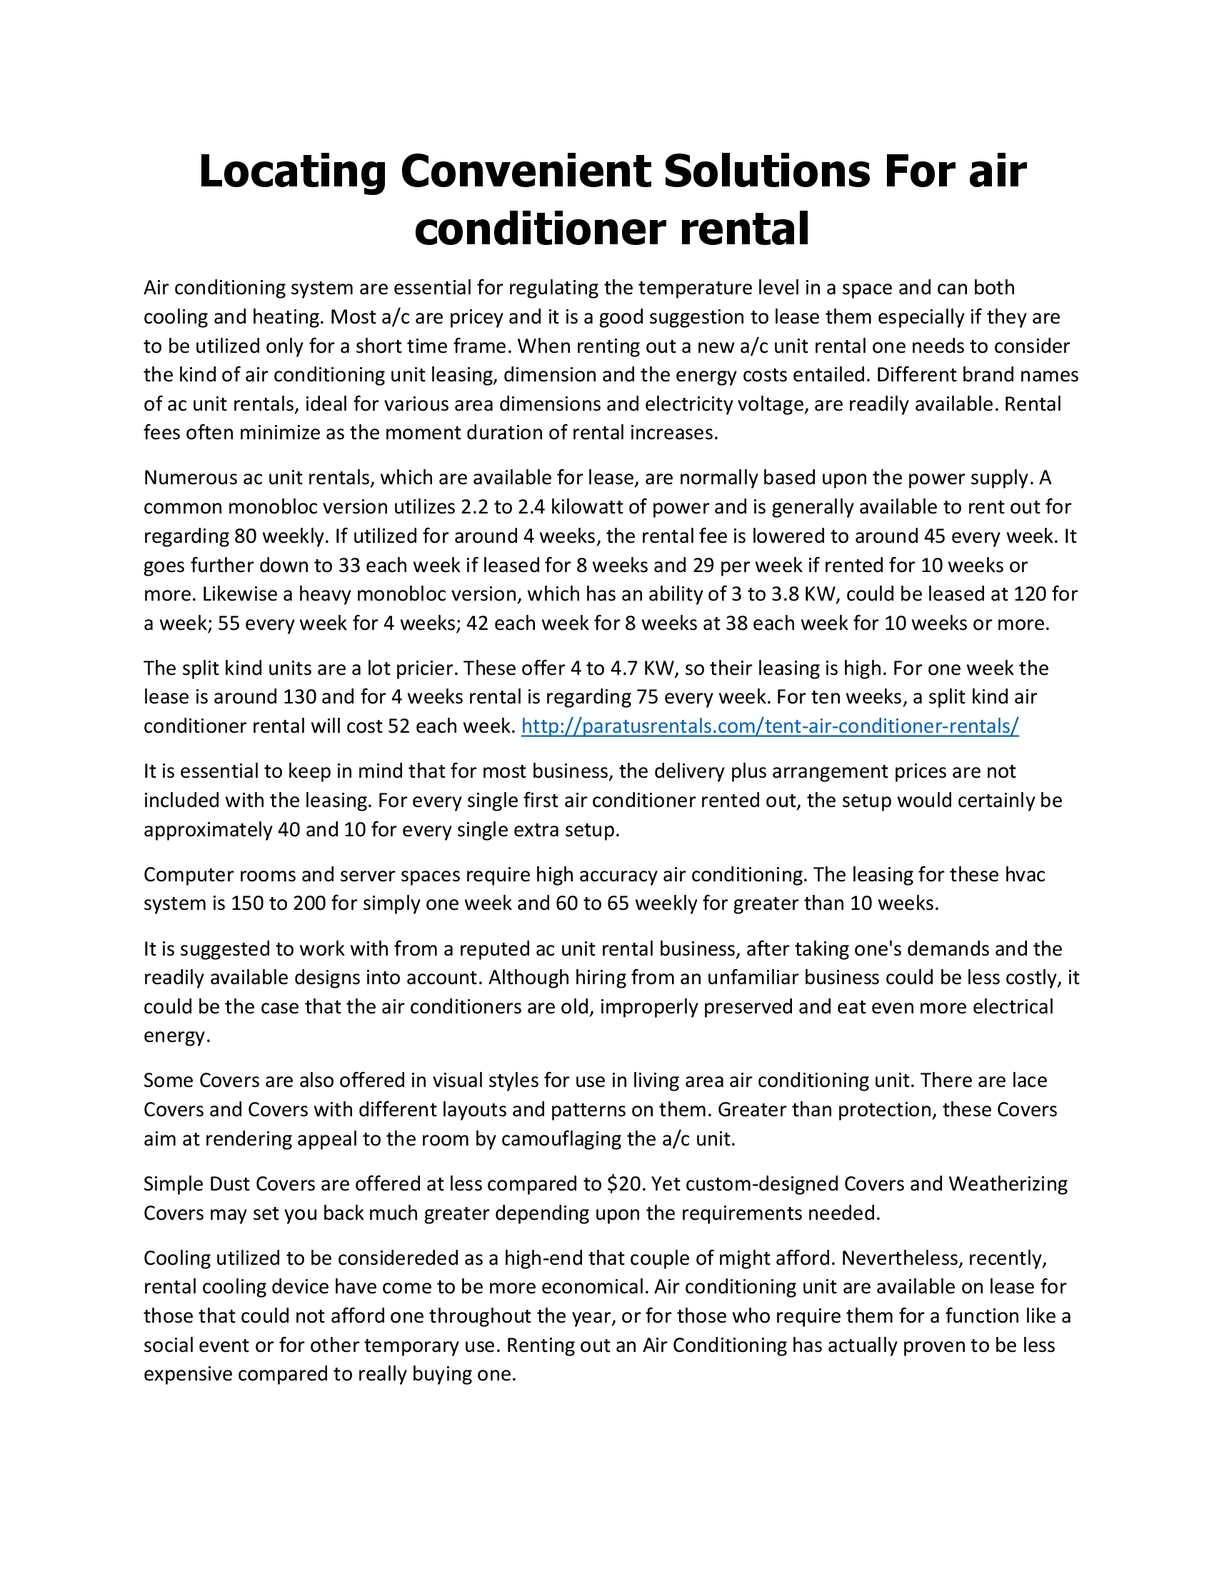 Calameo Air Conditioner Rentals